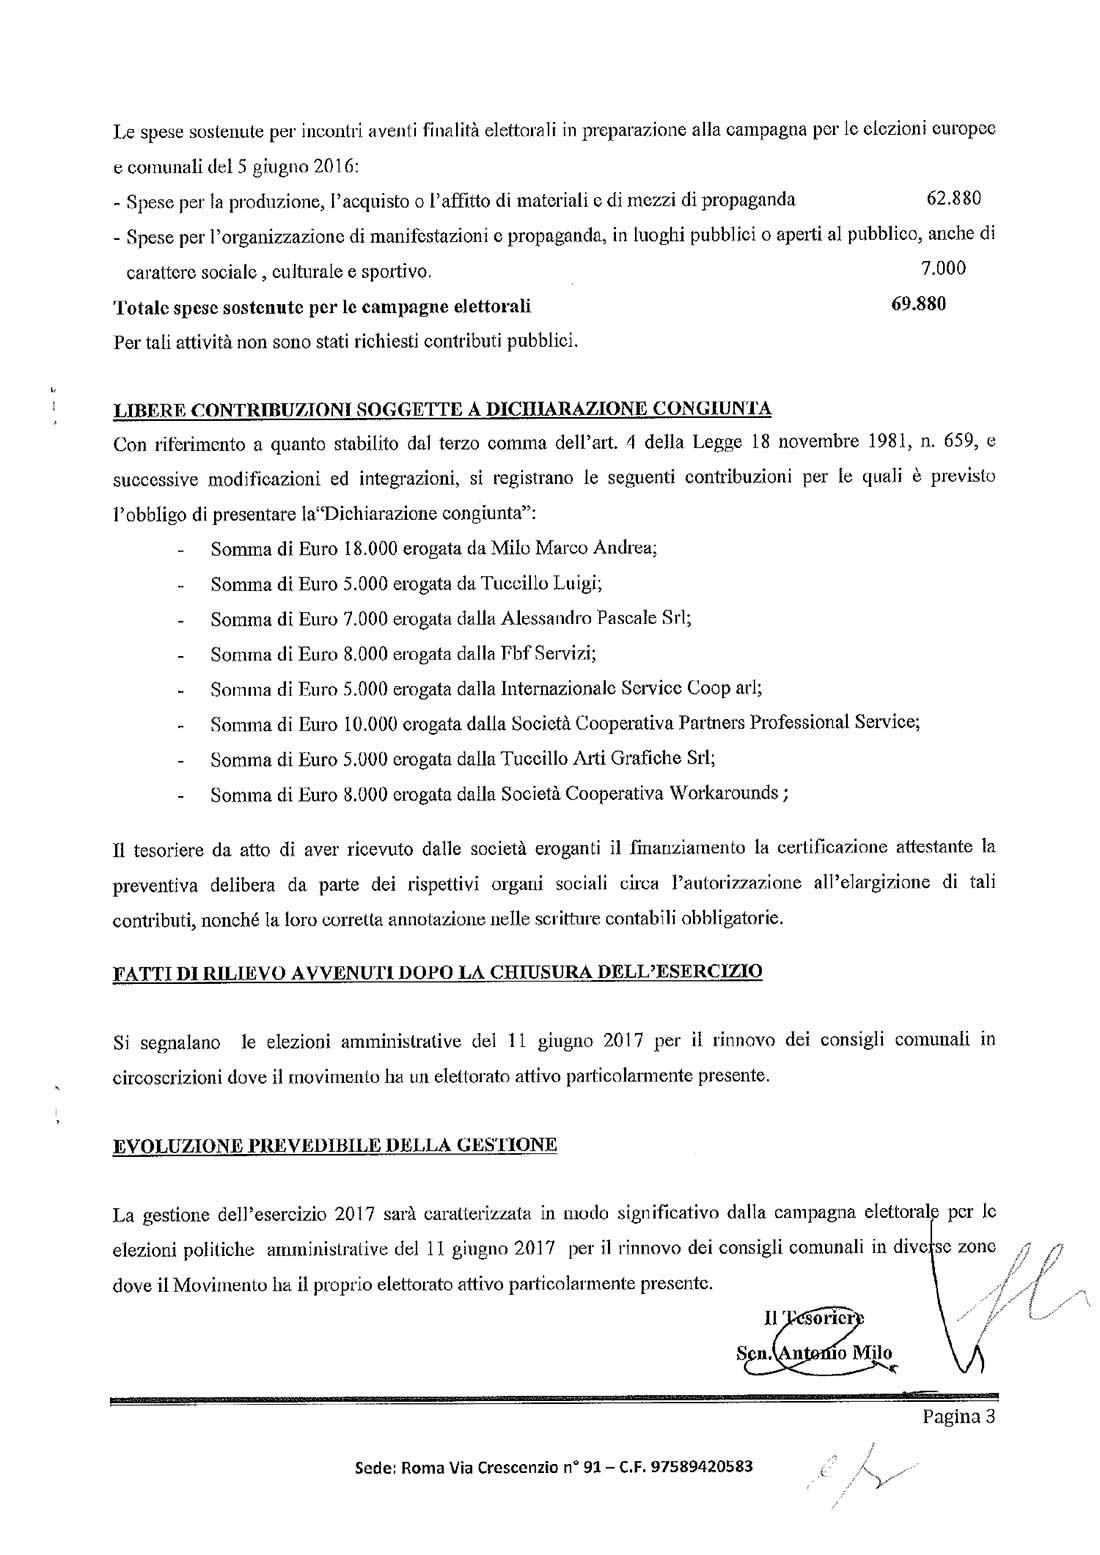 Relazione_del-tesoriere_2016-3